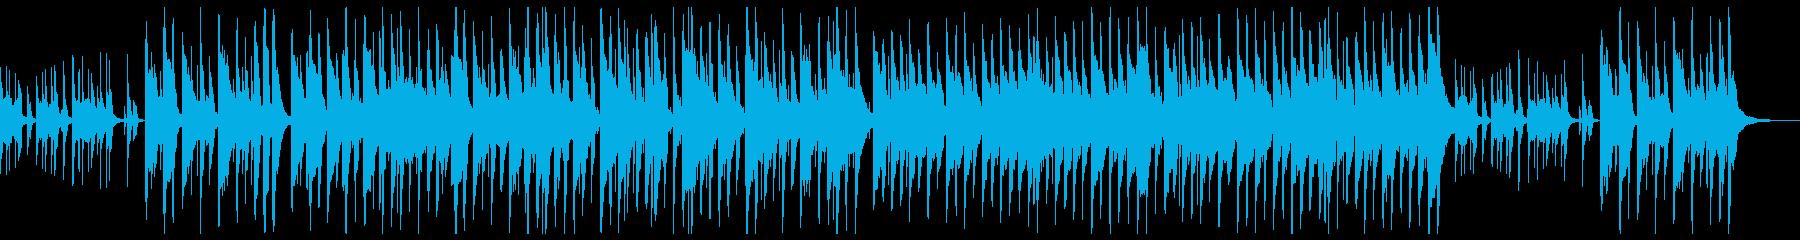 リコーダーと木琴による愉快なポップスの再生済みの波形